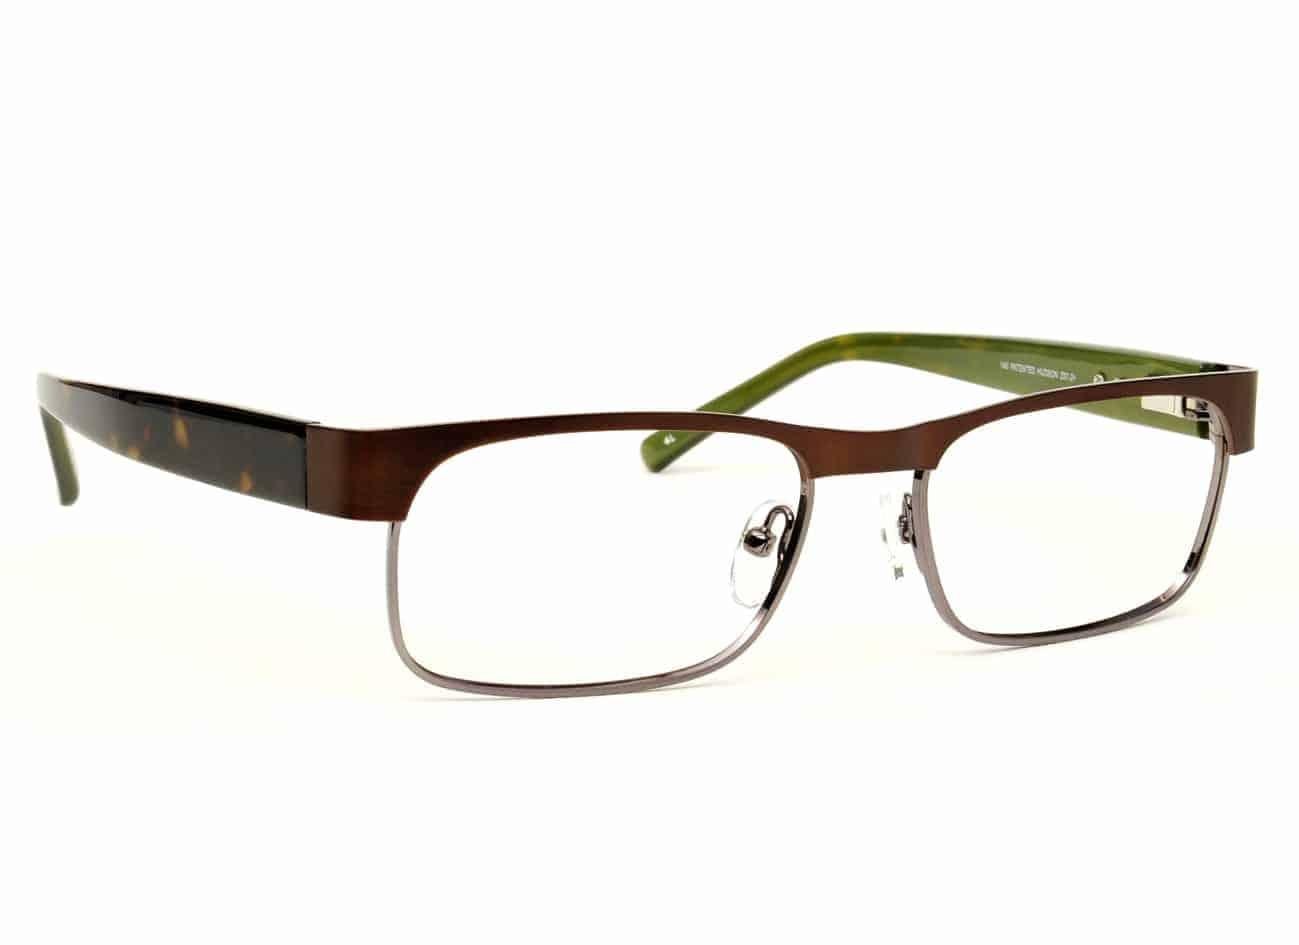 Hudson Optical / DG-100 / Safety Glasses | E-Z Optical